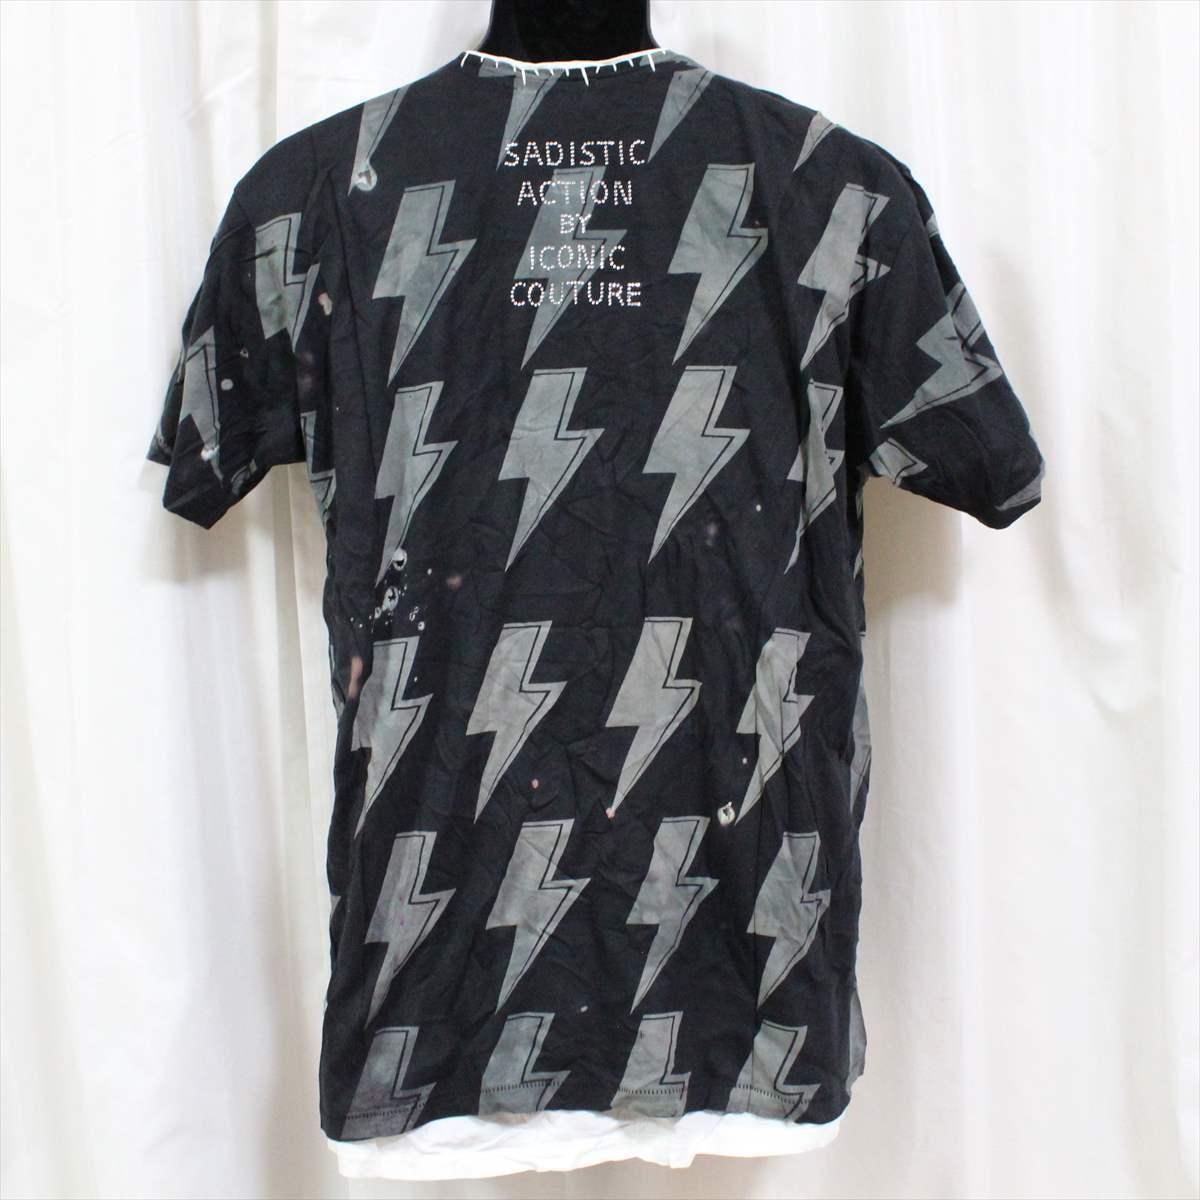 サディスティックアクション SADISTIC ACTION アイコニック ICONIC COTURE メンズ半袖Tシャツ AC/DC Lサイズ 新品_画像4